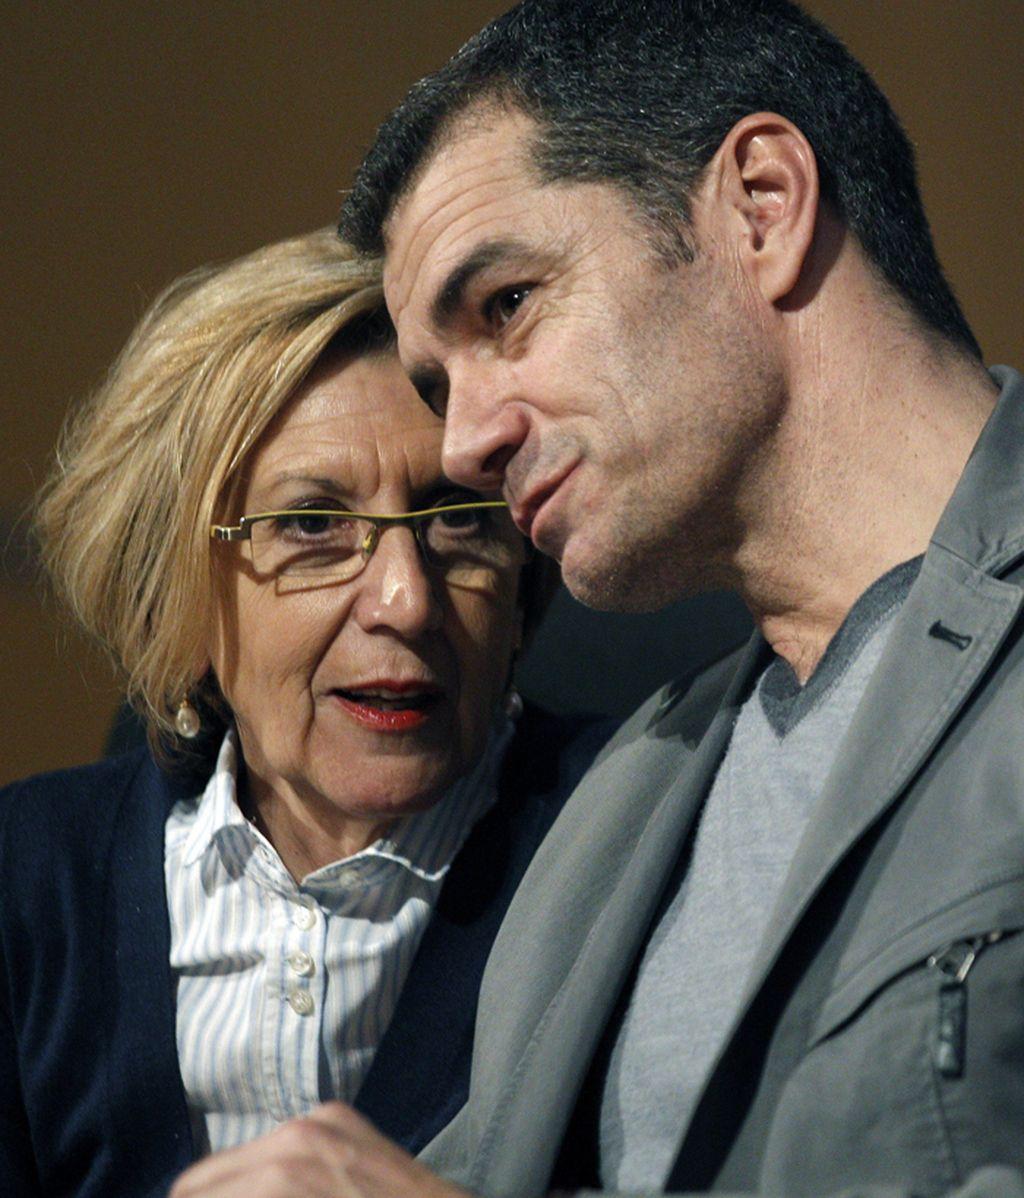 Rosa Díez y Toni Cantó en un encuentro en Valencia con simpatizantes